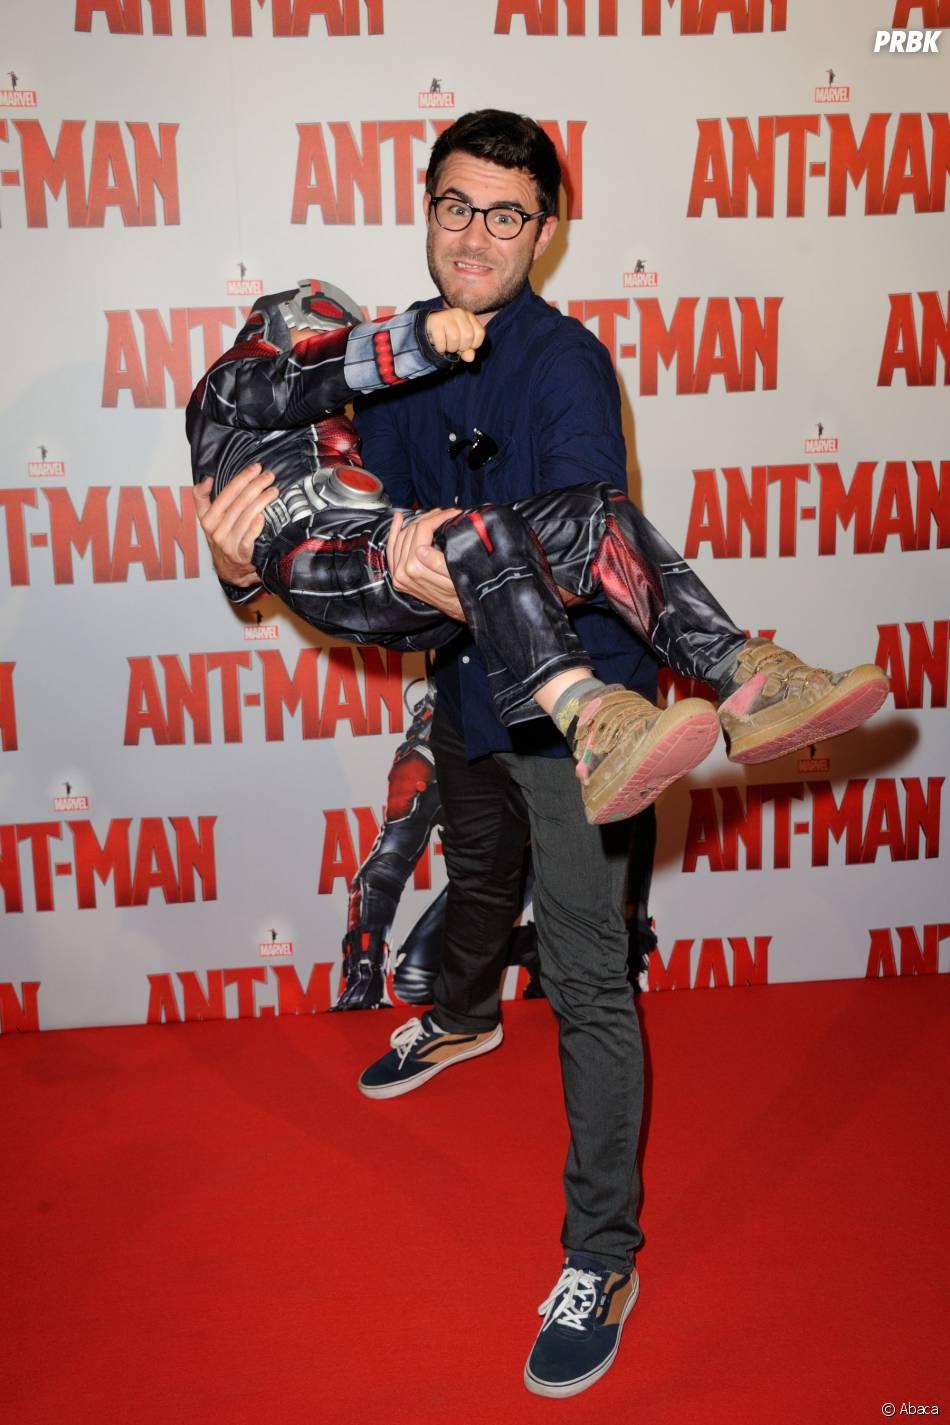 Cyprien à l'avant-première d'Ant-Man au Grand Rex de Paris, le 9 juillet 2015